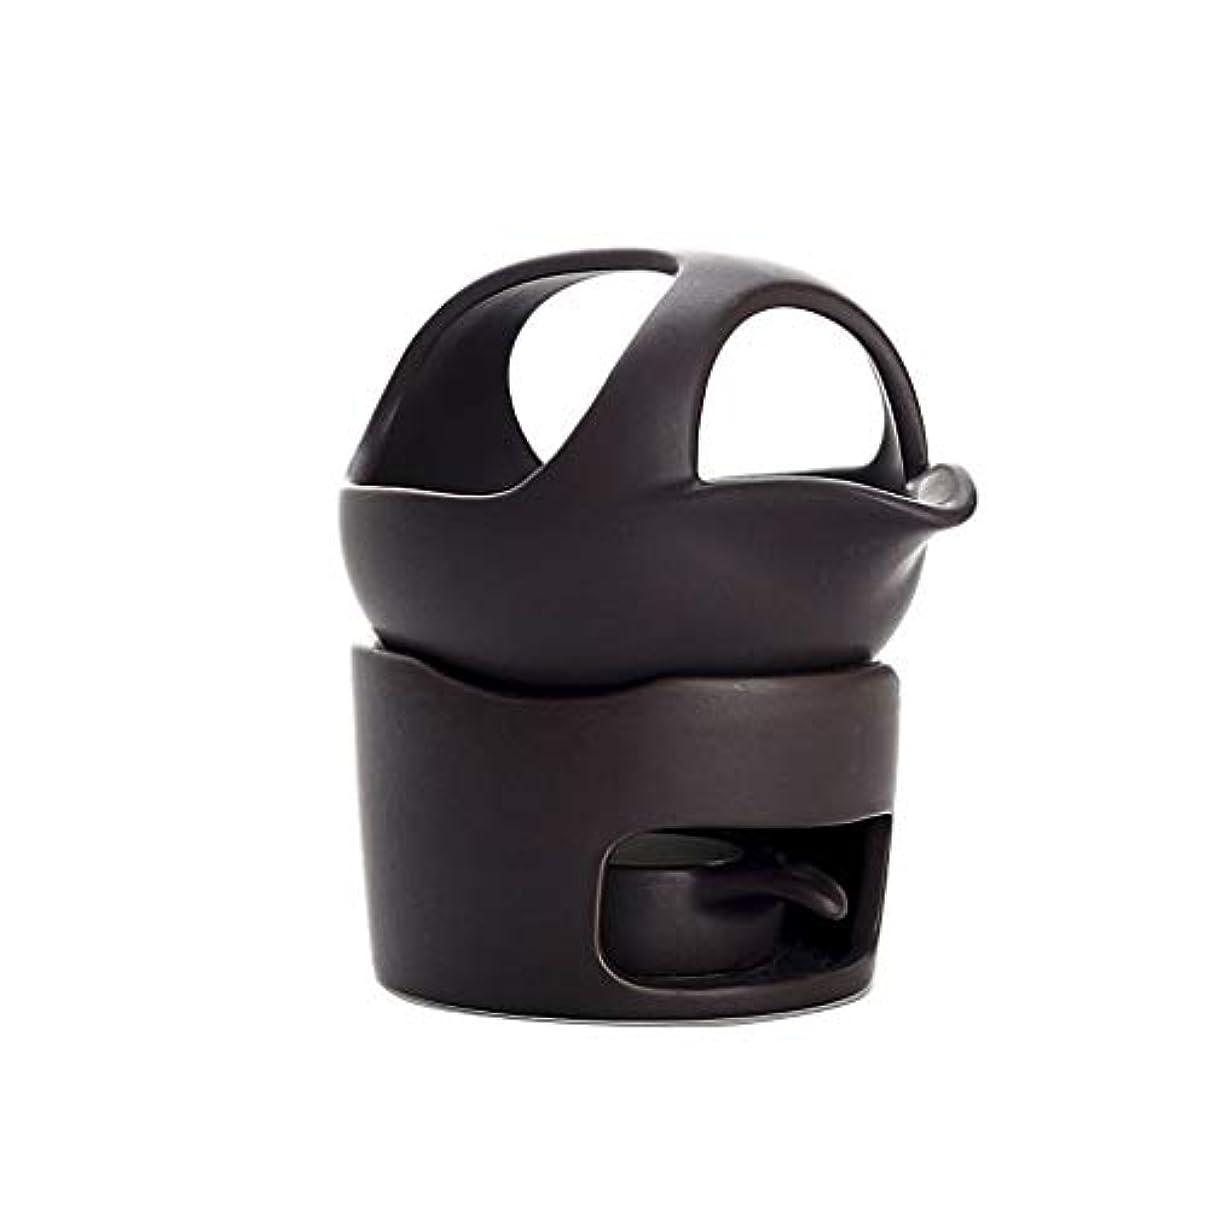 困惑したデマンド偏心ホームアロマバーナー セラミックお香バーナースモークティーストーブウェイクアップお茶お香バーナー陶器お茶セットアクセサリーお香ホルダー アロマバーナー (Color : Black, サイズ : 12.5cm)